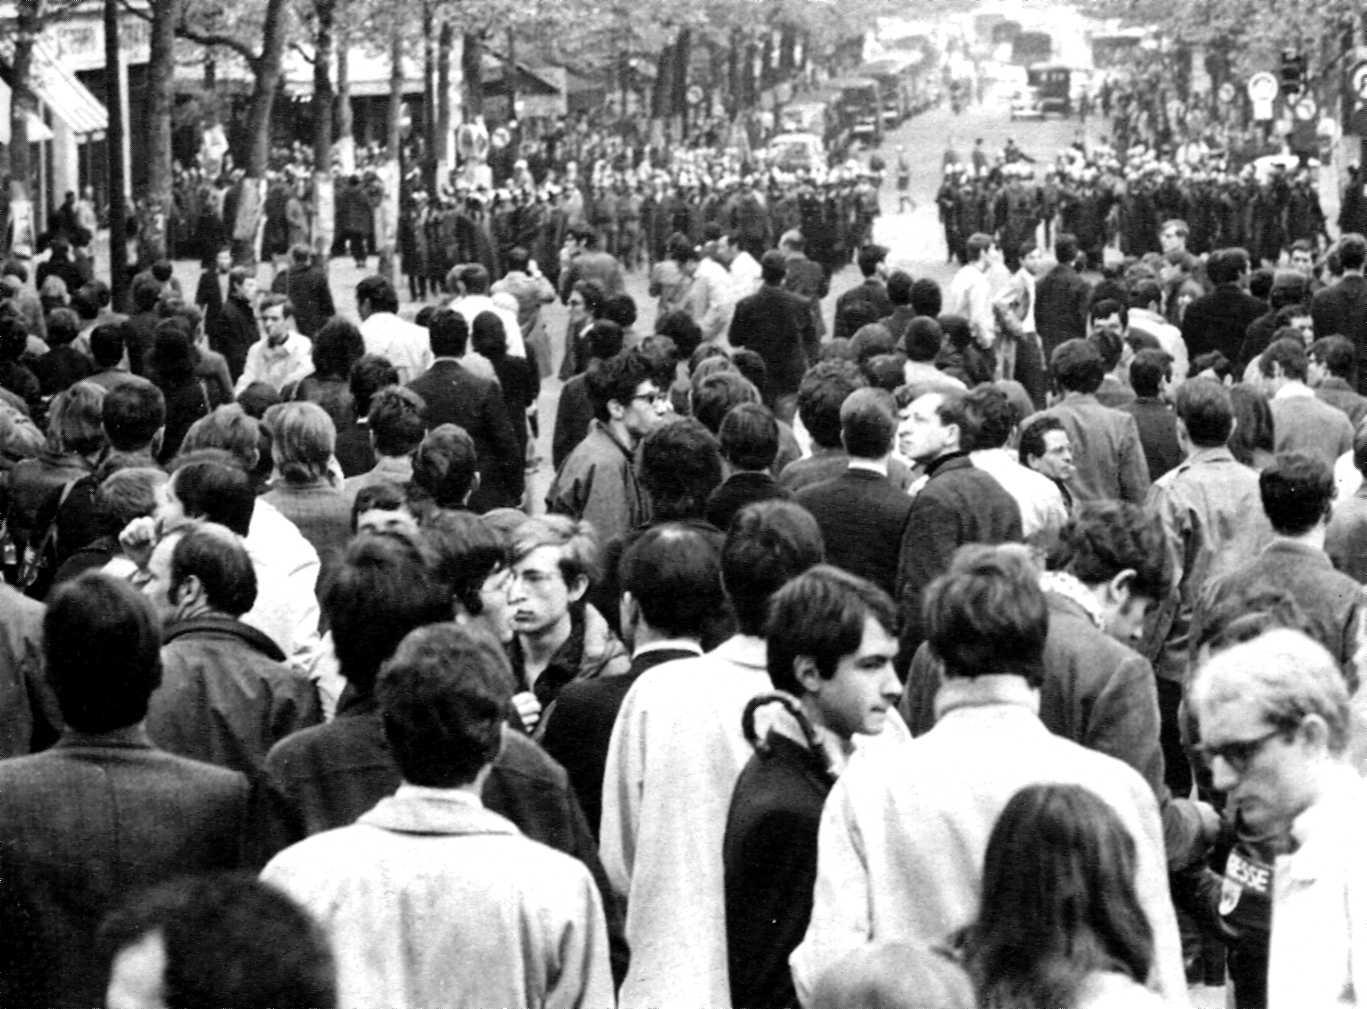 Más de 1.500 estudiantes concentrados en el cruce de Saint-Michel con la calle de las Écoles, a cincuenta metros de la Sorbona (París, 3 de mayo de 1968)